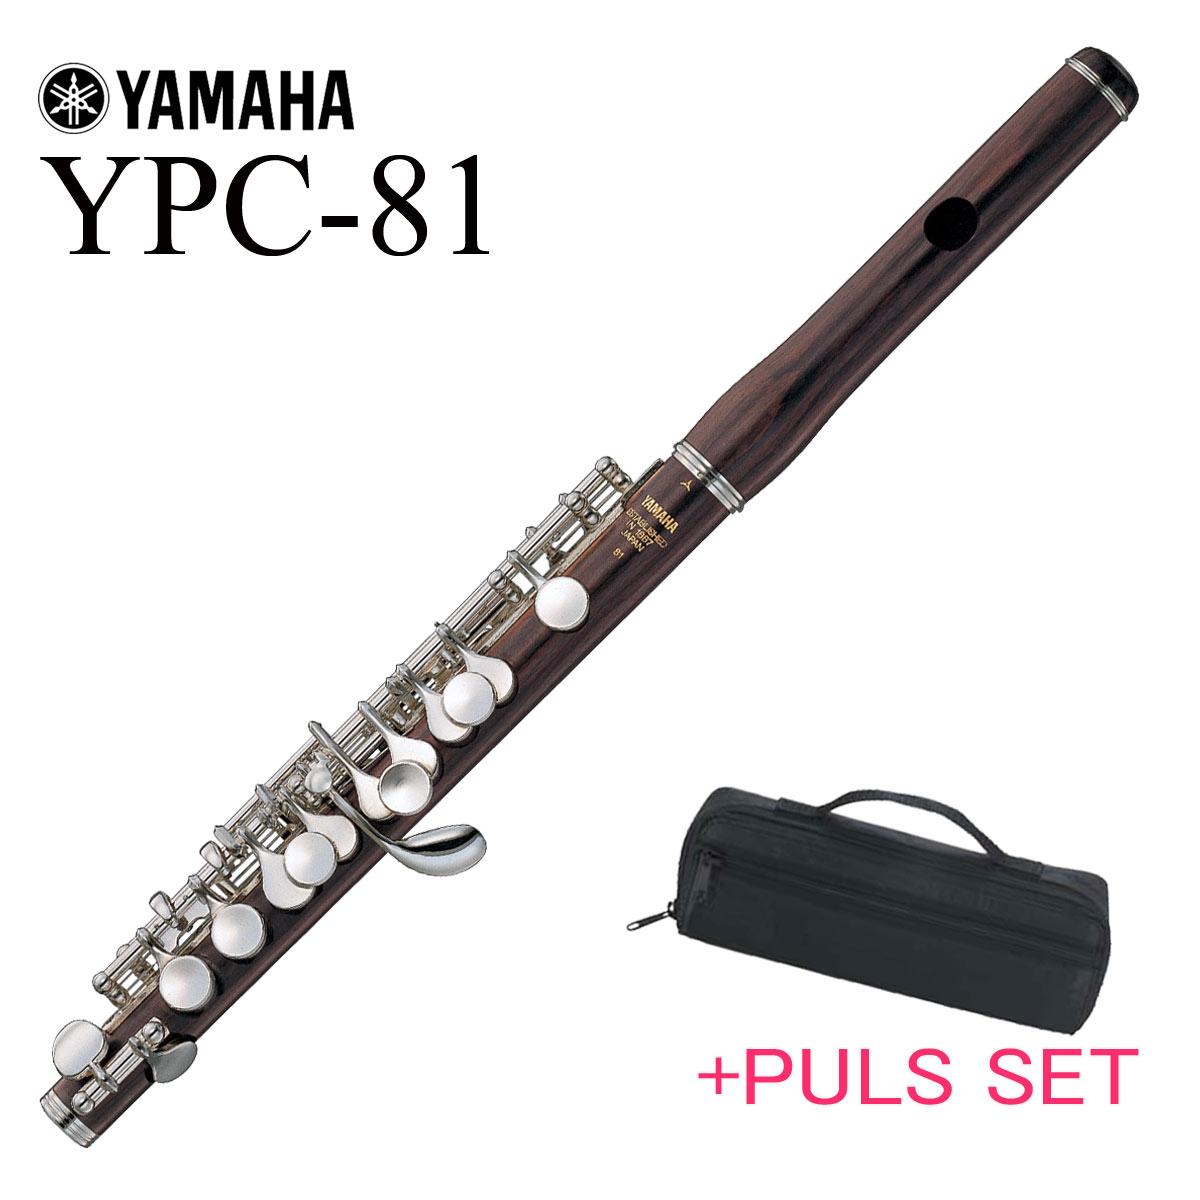 YAMAHA / YPC-81 ヤマハ ピッコロ グラナディラ材 木製管体 ハンドクラフト【ケースカバーセット】【5年保証】